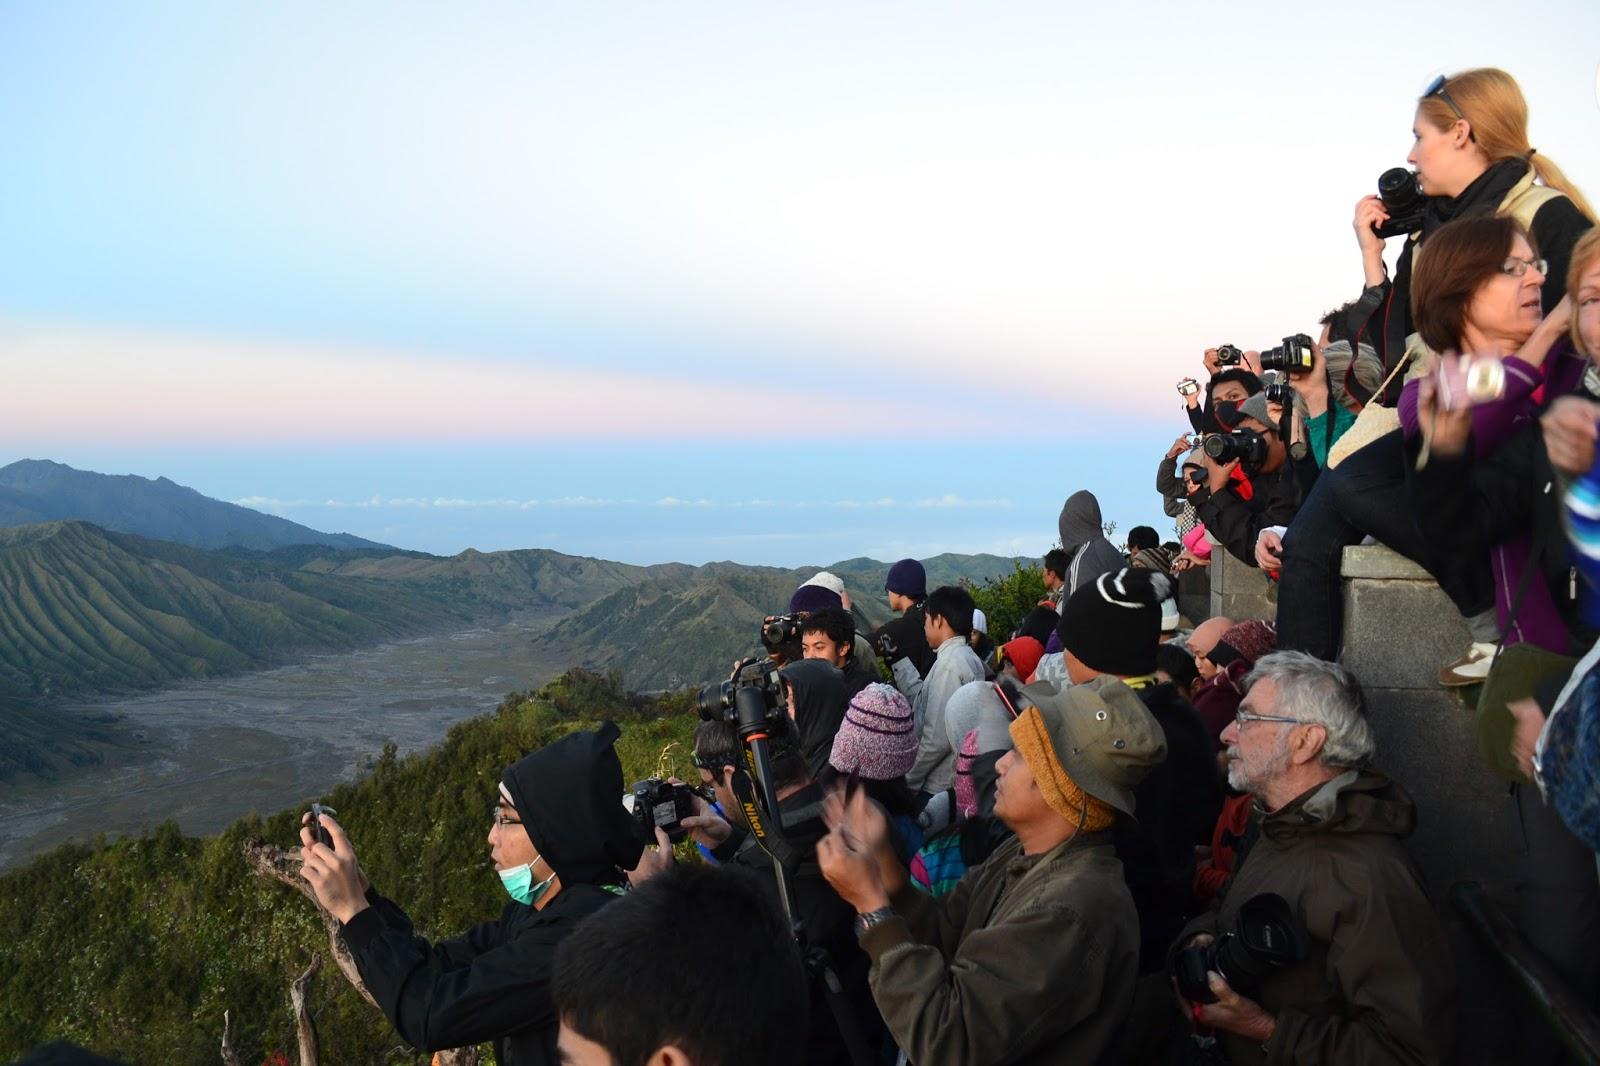 Menikmati keindahan pemandangan alam Gunung Bromo dalam voluntourism Bromo Book for Mountain